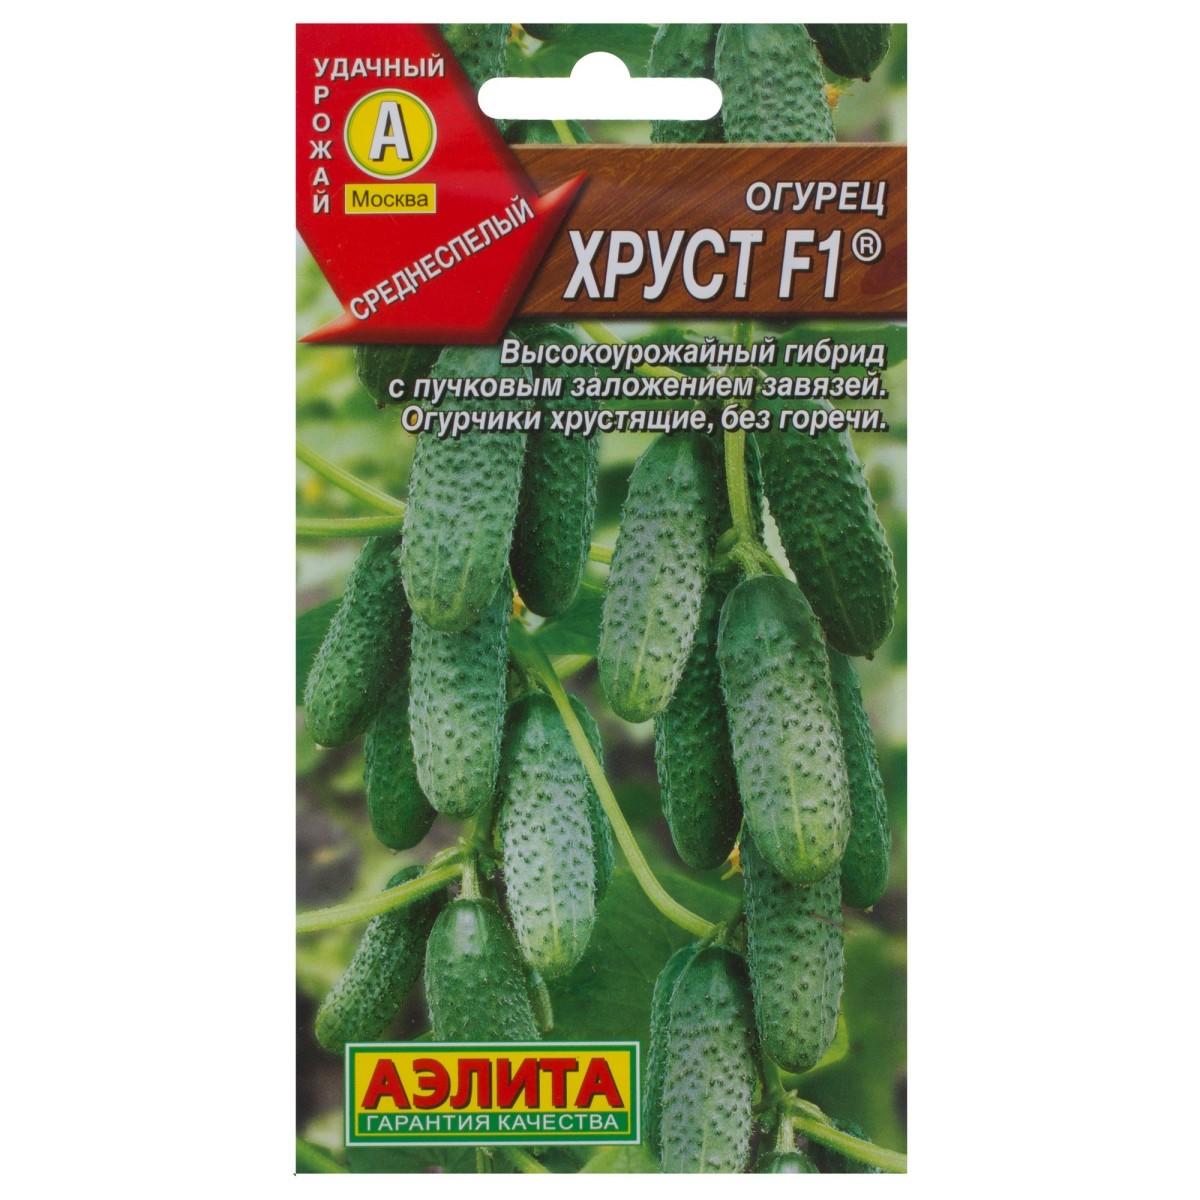 Семена Огурец Хруст F1 0.3 г